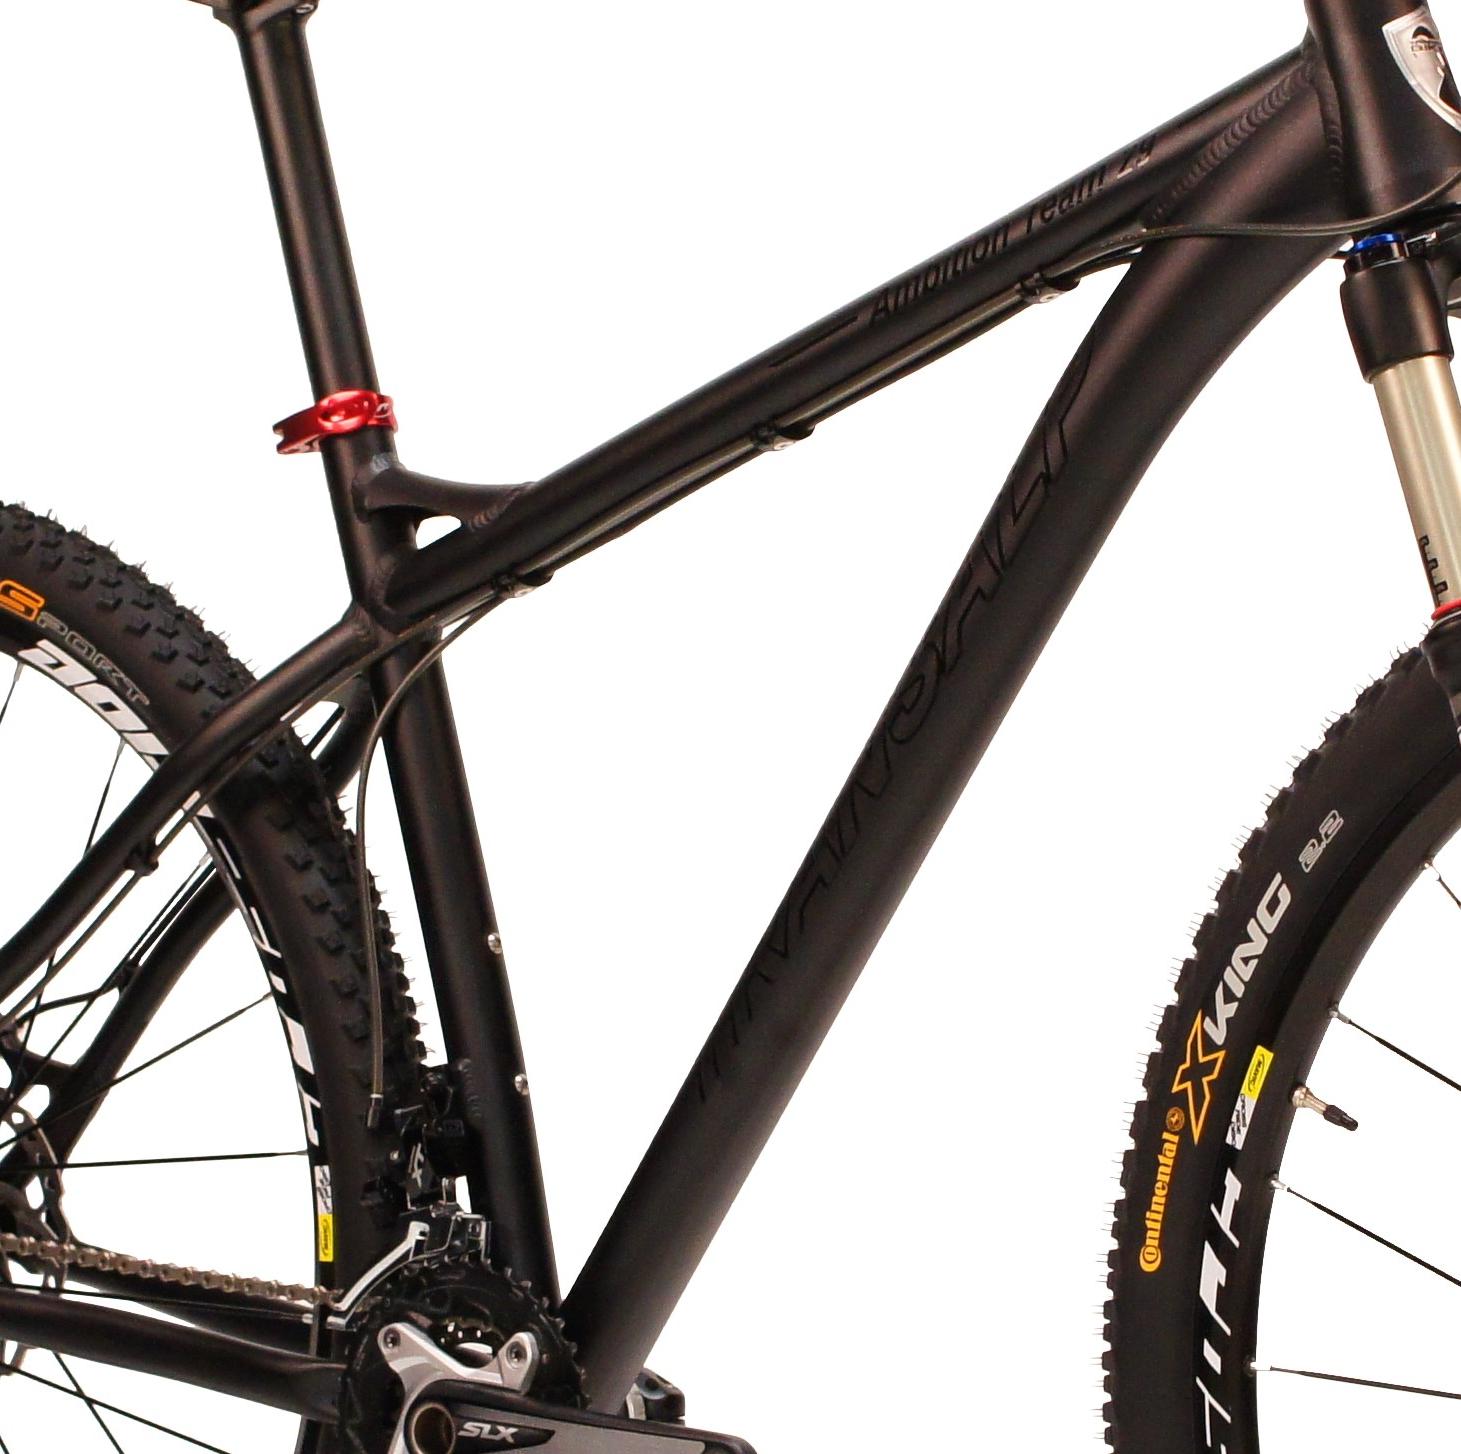 29er hardtail mtb ambition team x12 3 0 transalp bikes. Black Bedroom Furniture Sets. Home Design Ideas